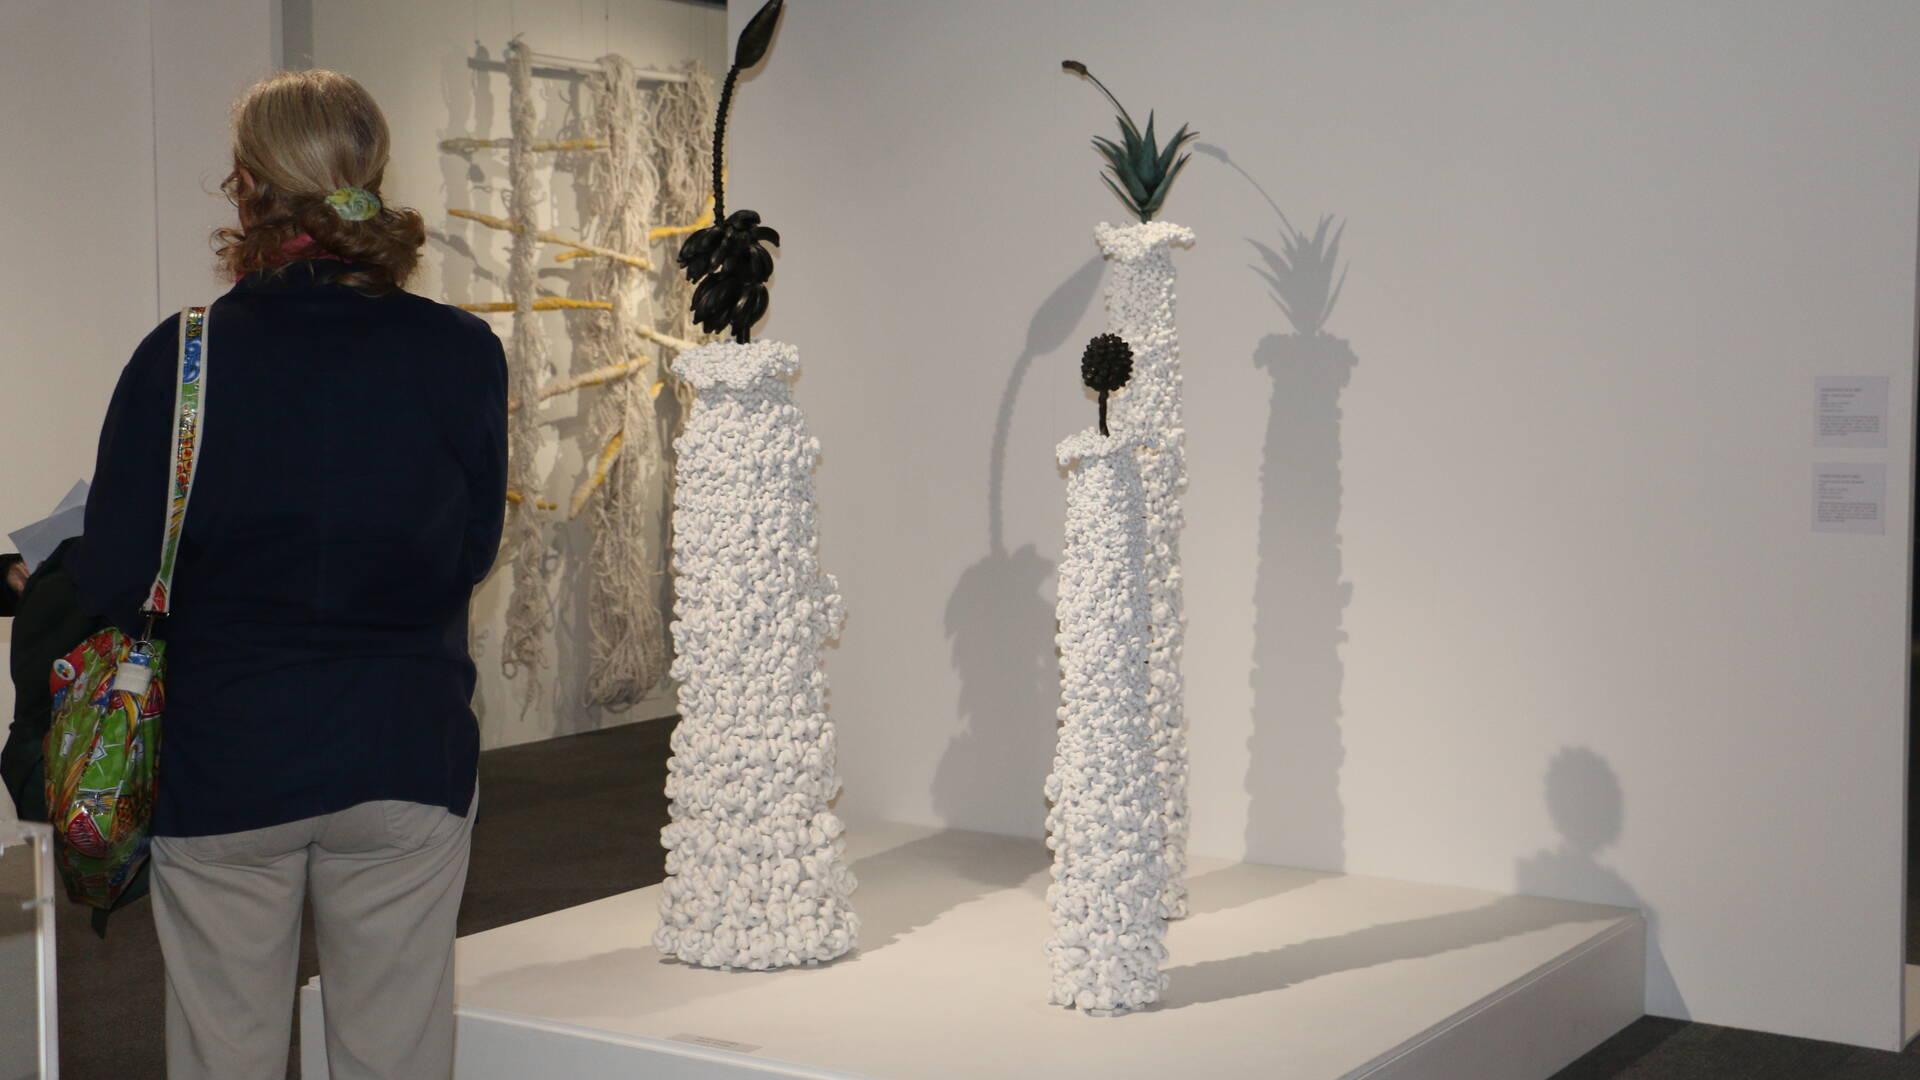 Corps de corde : exposition d'art contemporain à la Corderie Royale, Rochefort Océan